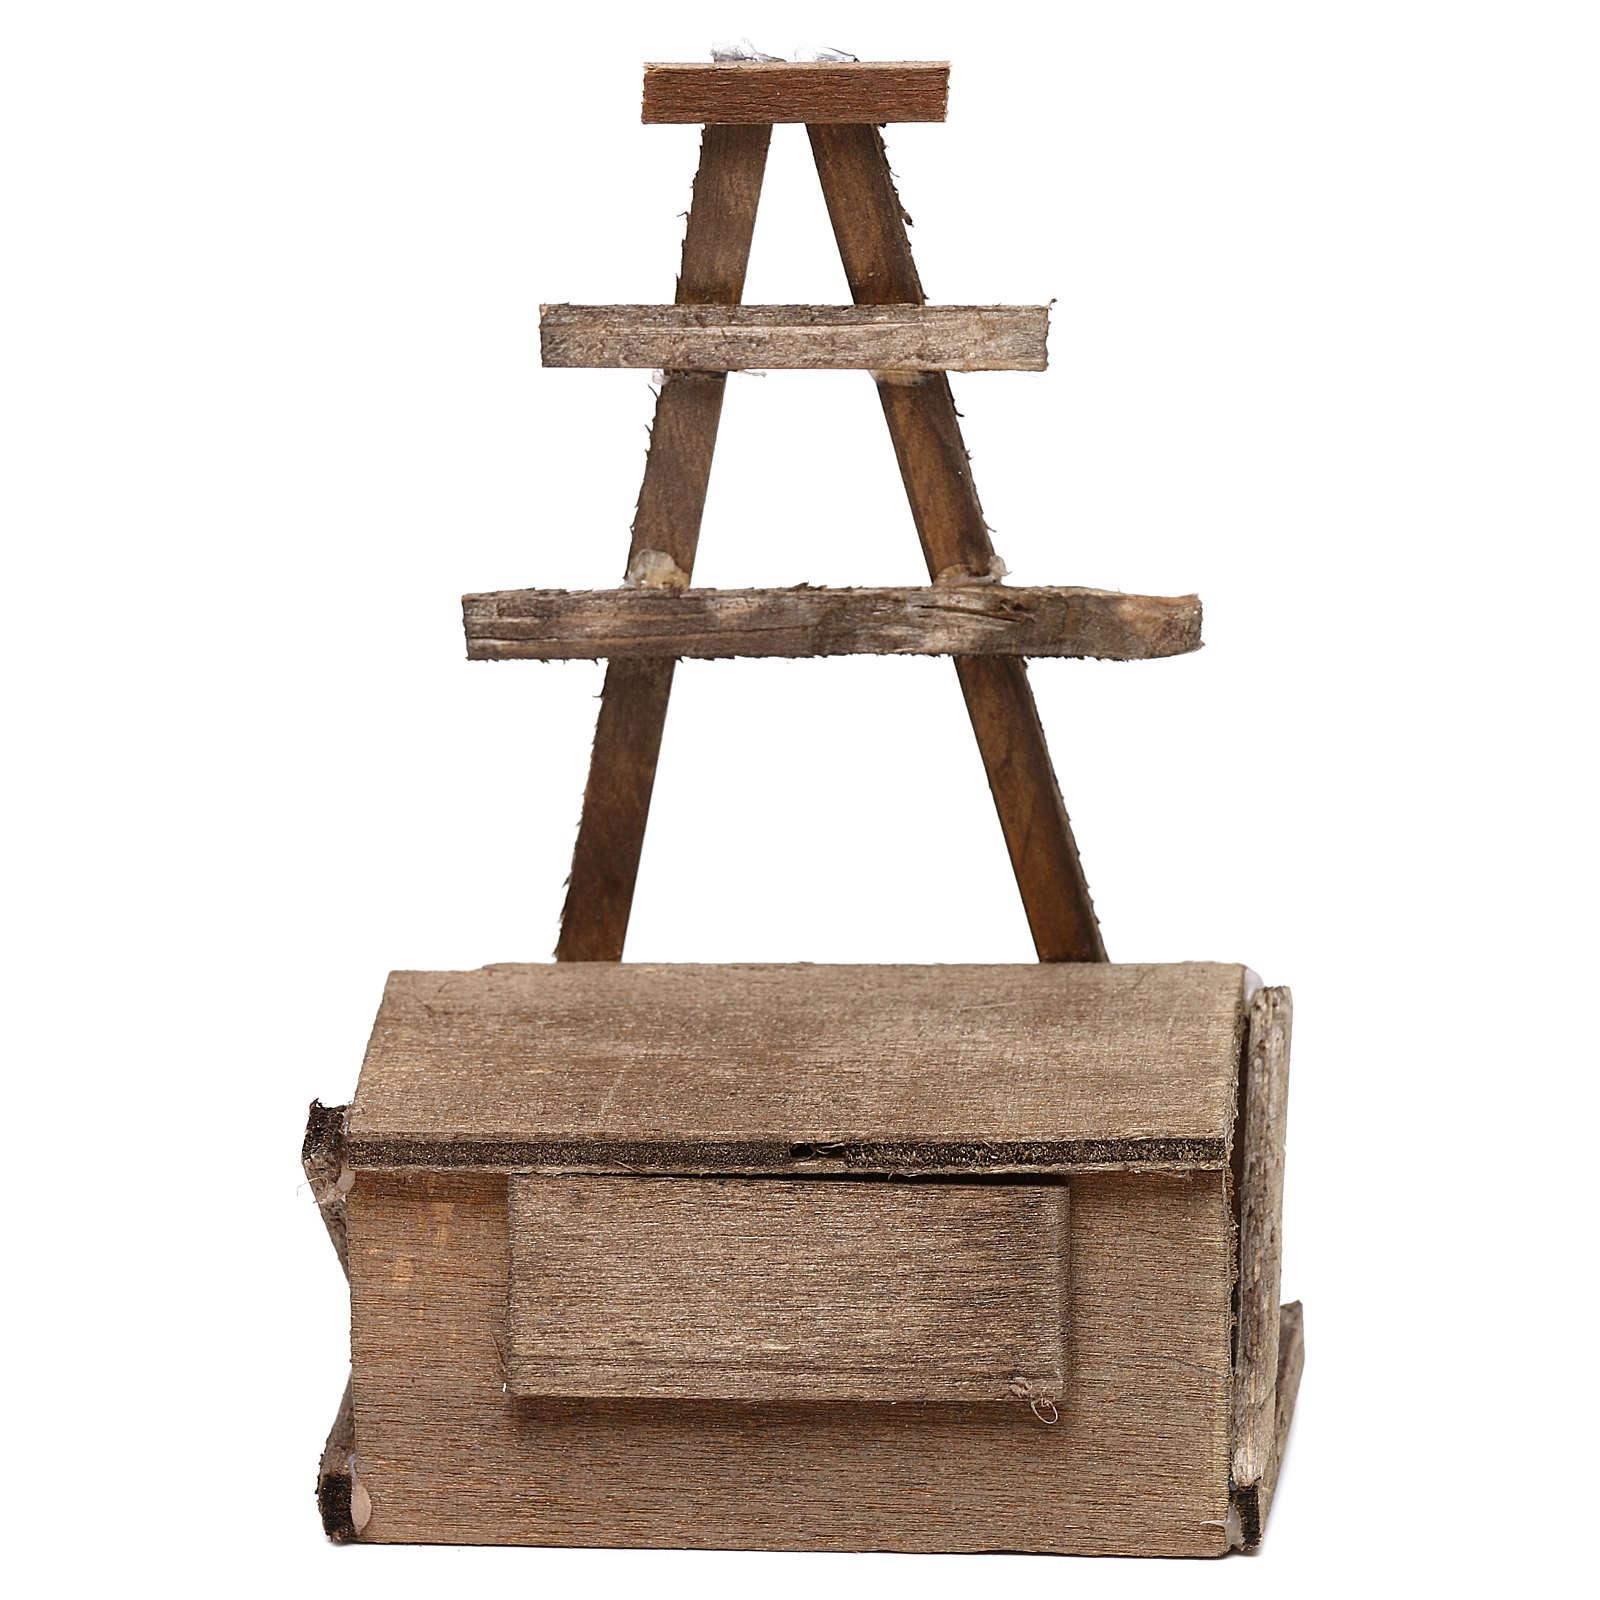 Banchetto in legno presepe napoletano 12 cm 4